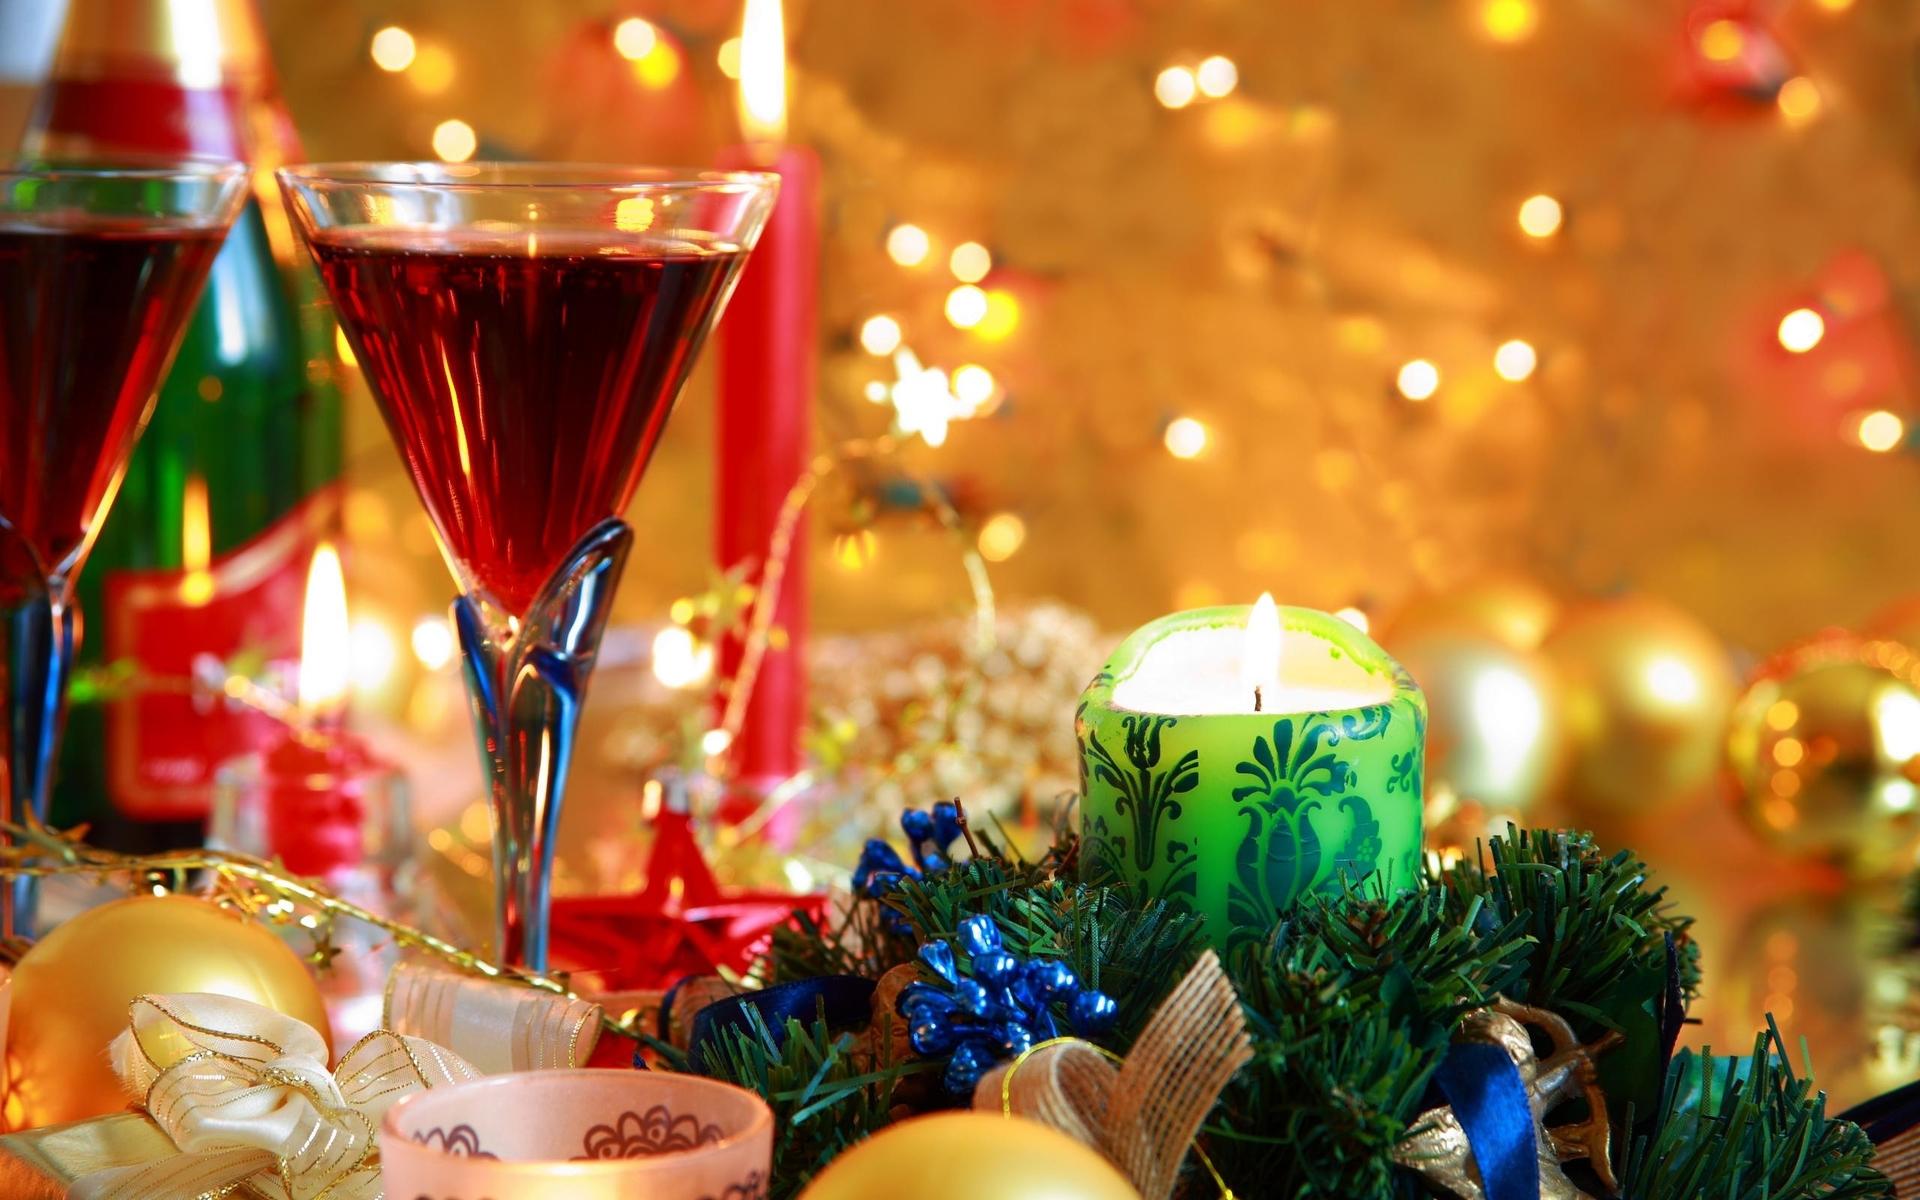 Descarga gratuita de fondo de pantalla para móvil de Año Nuevo, Objetos, Vacaciones.